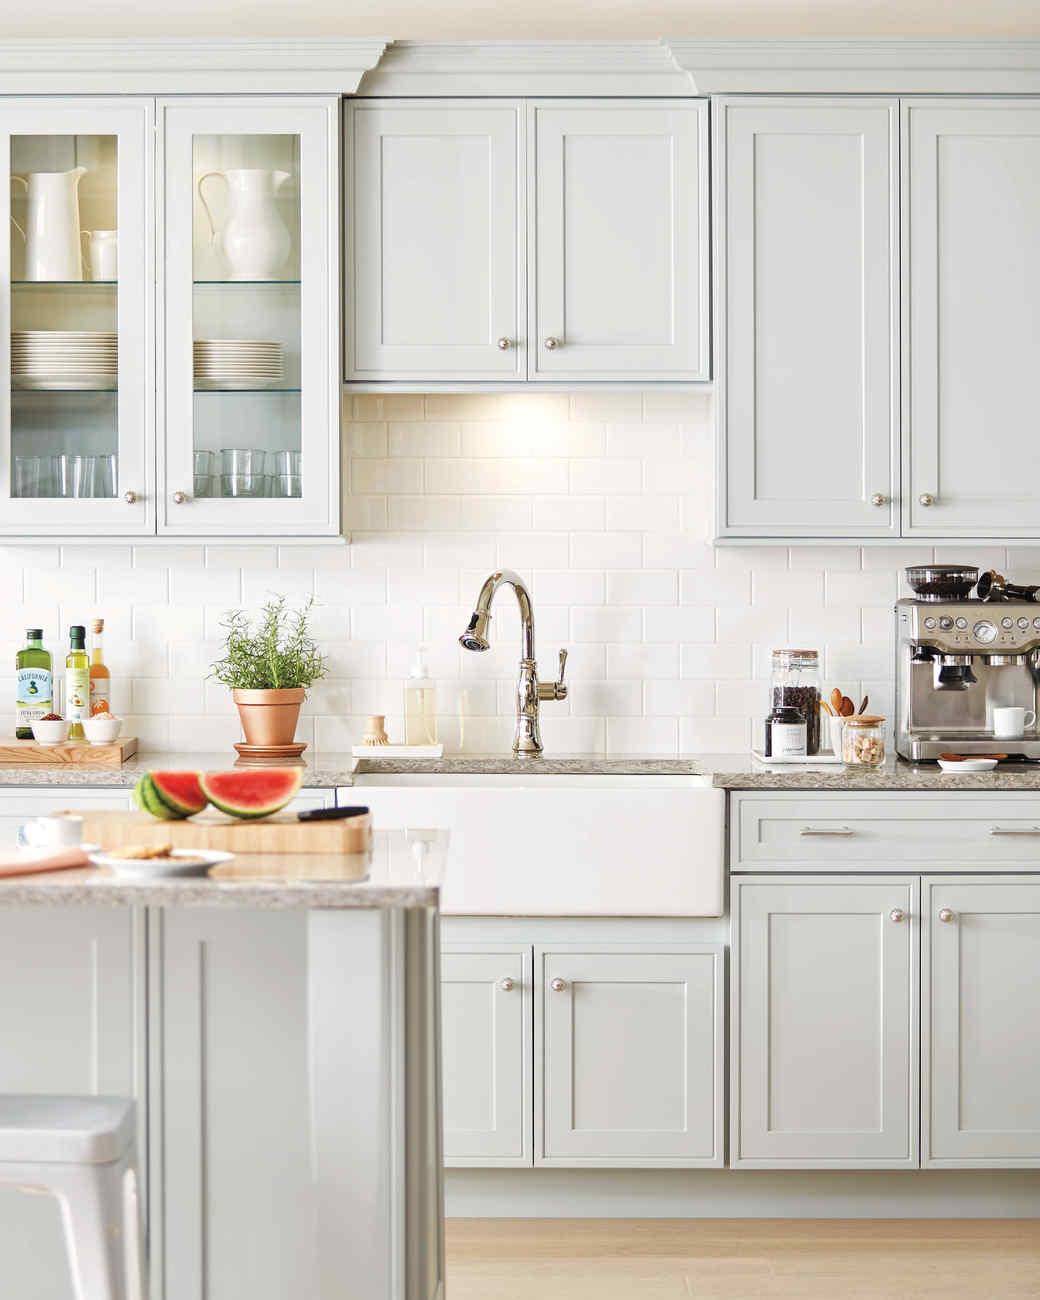 Renovating A Kitchen 13 common kitchen renovation mistakes to avoid   martha stewart